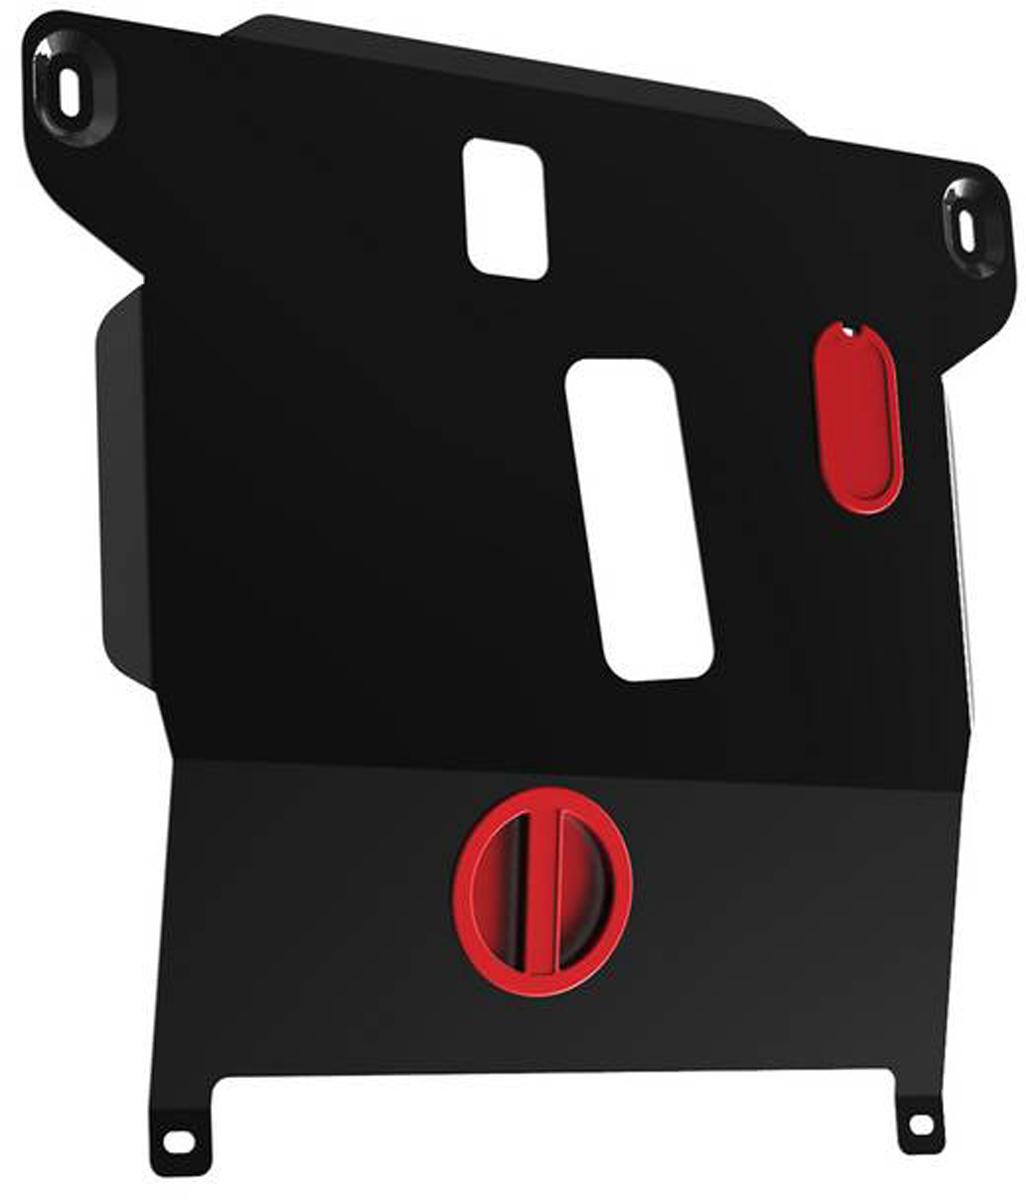 Защита картера и КПП Автоброня Chevrolet Cobalt 2013-2015/Ravon R4 2016-, сталь 2 мм111.01016.1Защита картера и КПП Автоброня для Chevrolet Cobalt, V - 1,5 2013-2015/Ravon R4, V - 1,5 2016-, сталь 2 мм, комплект крепежа, 111.01016.1Стальные защиты Автоброня надежно защищают ваш автомобиль от повреждений при наезде на бордюры, выступающие канализационные люки, кромки поврежденного асфальта или при ремонте дорог, не говоря уже о загородных дорогах. - Имеют оптимальное соотношение цена-качество. - Спроектированы с учетом особенностей автомобиля, что делает установку удобной. - Защита устанавливается в штатные места кузова автомобиля. - Является надежной защитой для важных элементов на протяжении долгих лет. - Глубокий штамп дополнительно усиливает конструкцию защиты. - Подштамповка в местах крепления защищает крепеж от срезания. - Технологические отверстия там, где они необходимы для смены масла и слива воды, оборудованные заглушками, закрепленными на защите. Толщина стали 2 мм. В комплекте крепеж и инструкция по установке.Уважаемые клиенты! Обращаем ваше внимание на тот факт, что защита имеет форму, соответствующую модели данного автомобиля. Наличие глубокого штампа и лючков для смены фильтров/масла предусмотрено не на всех защитах. Фото служит для визуального восприятия товара.